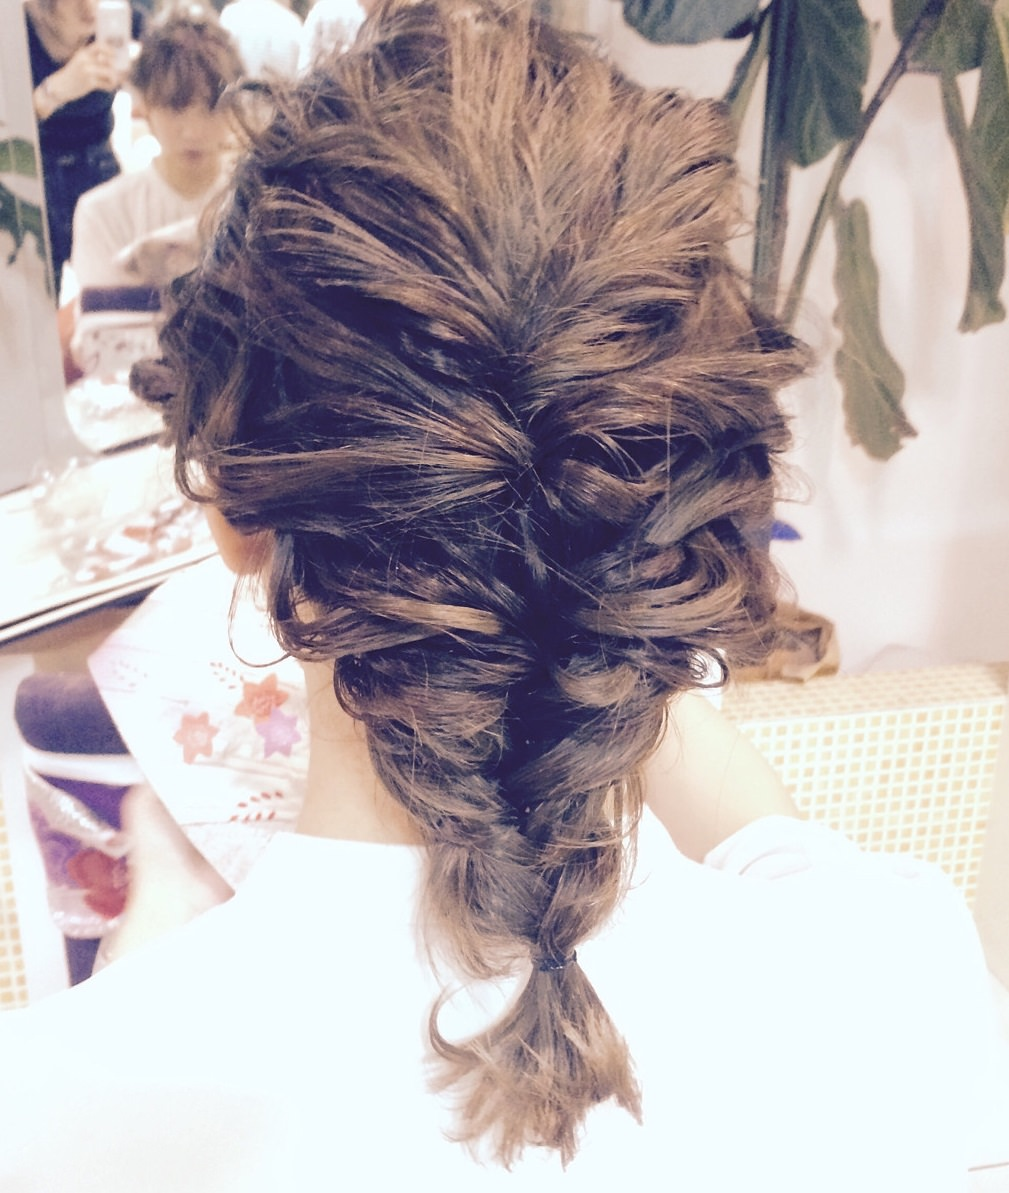 トレンドのフィッシュボーン☆おすすめのヘアスタイル21選♪TOP